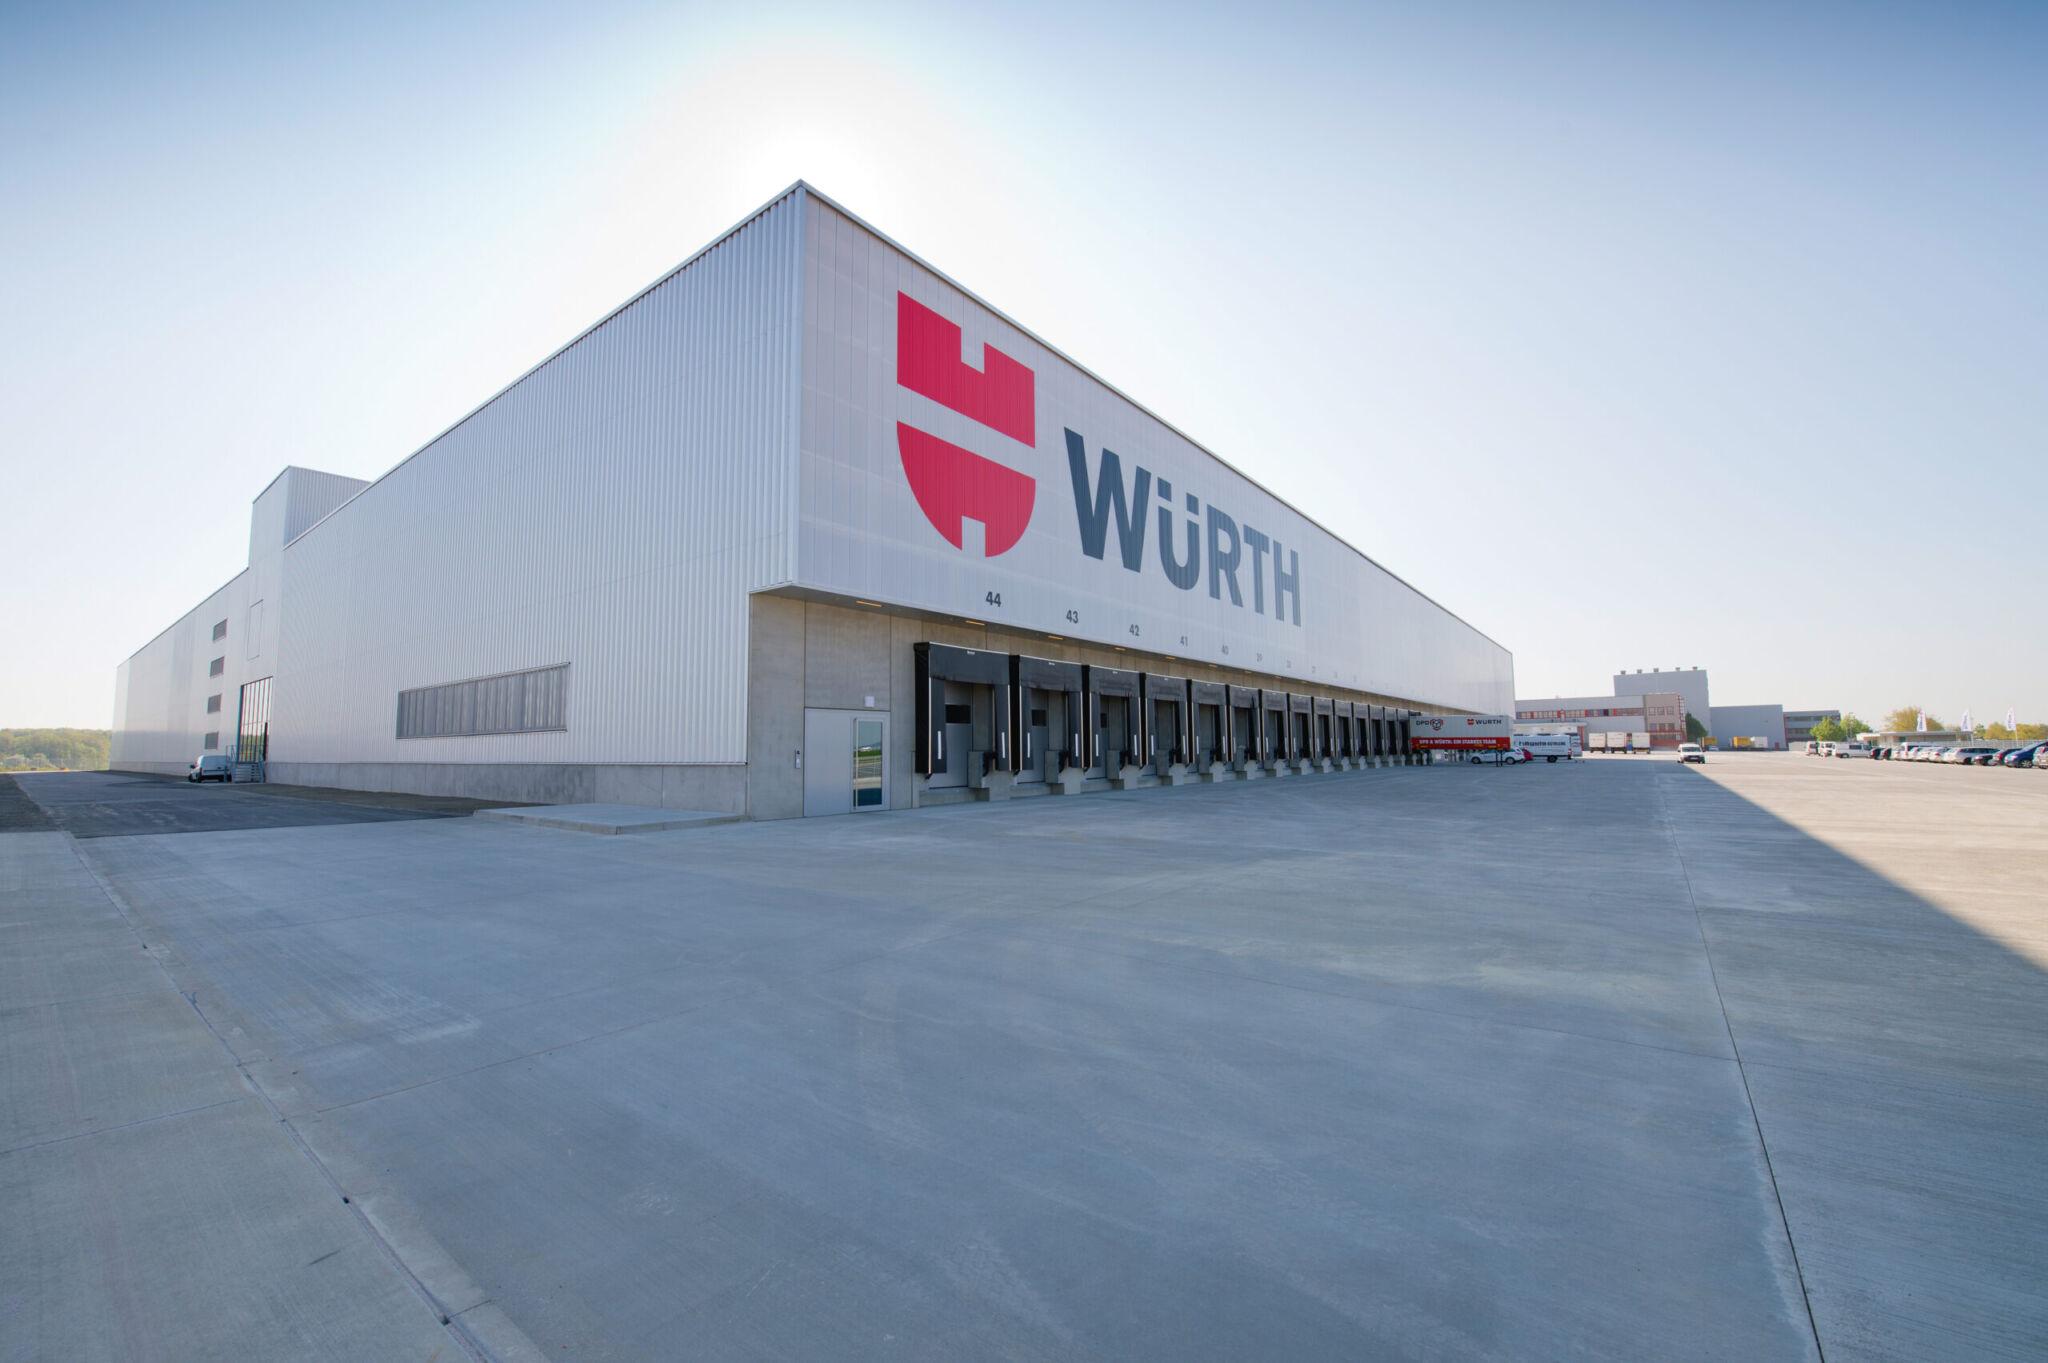 Würth Gebäudefassade |copyright: Würth